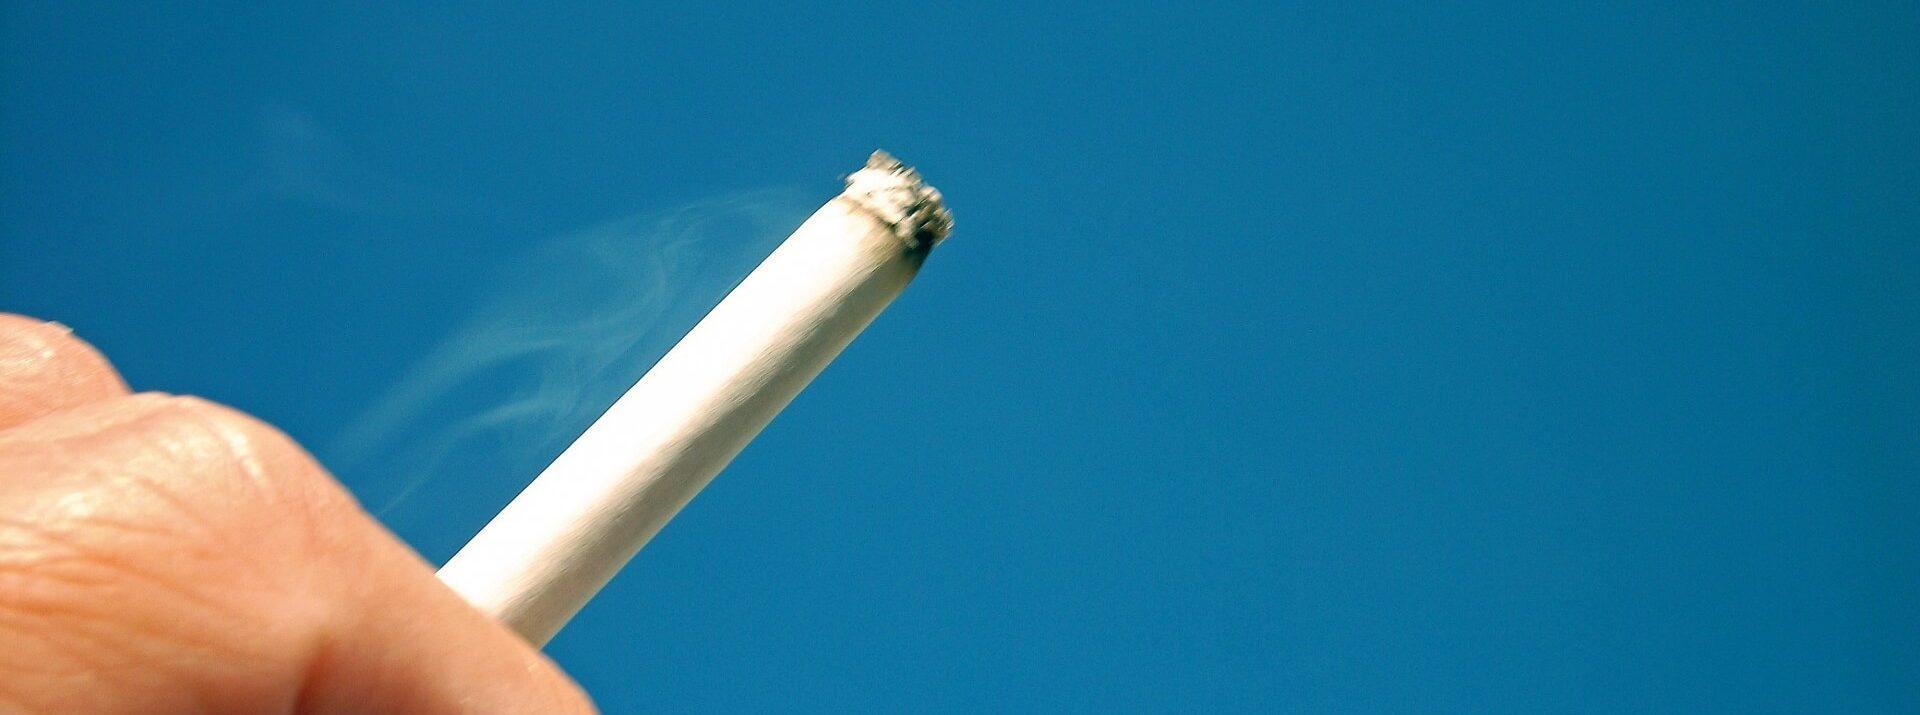 喫煙|石川町のマリーンデンタルクリニック